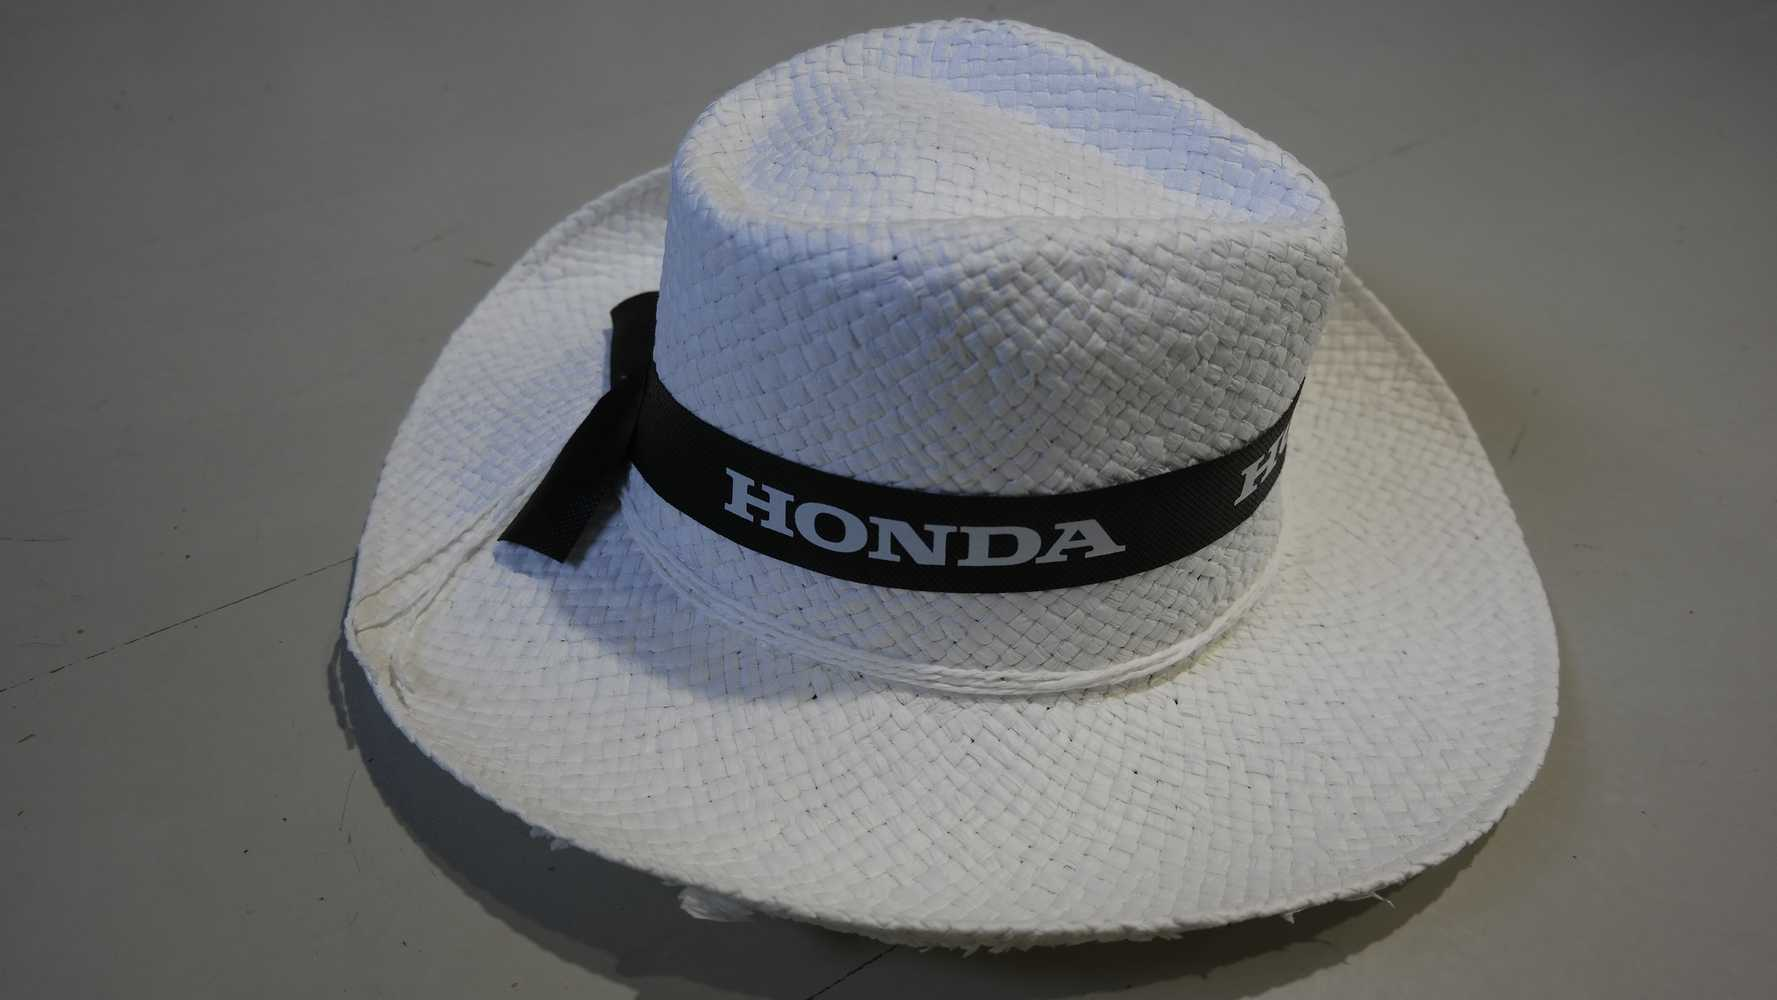 Honda egyéb kiegészítők HONDA KALAP FEHÉR KALAP - Szallerbeck Motor a0f37e7e62